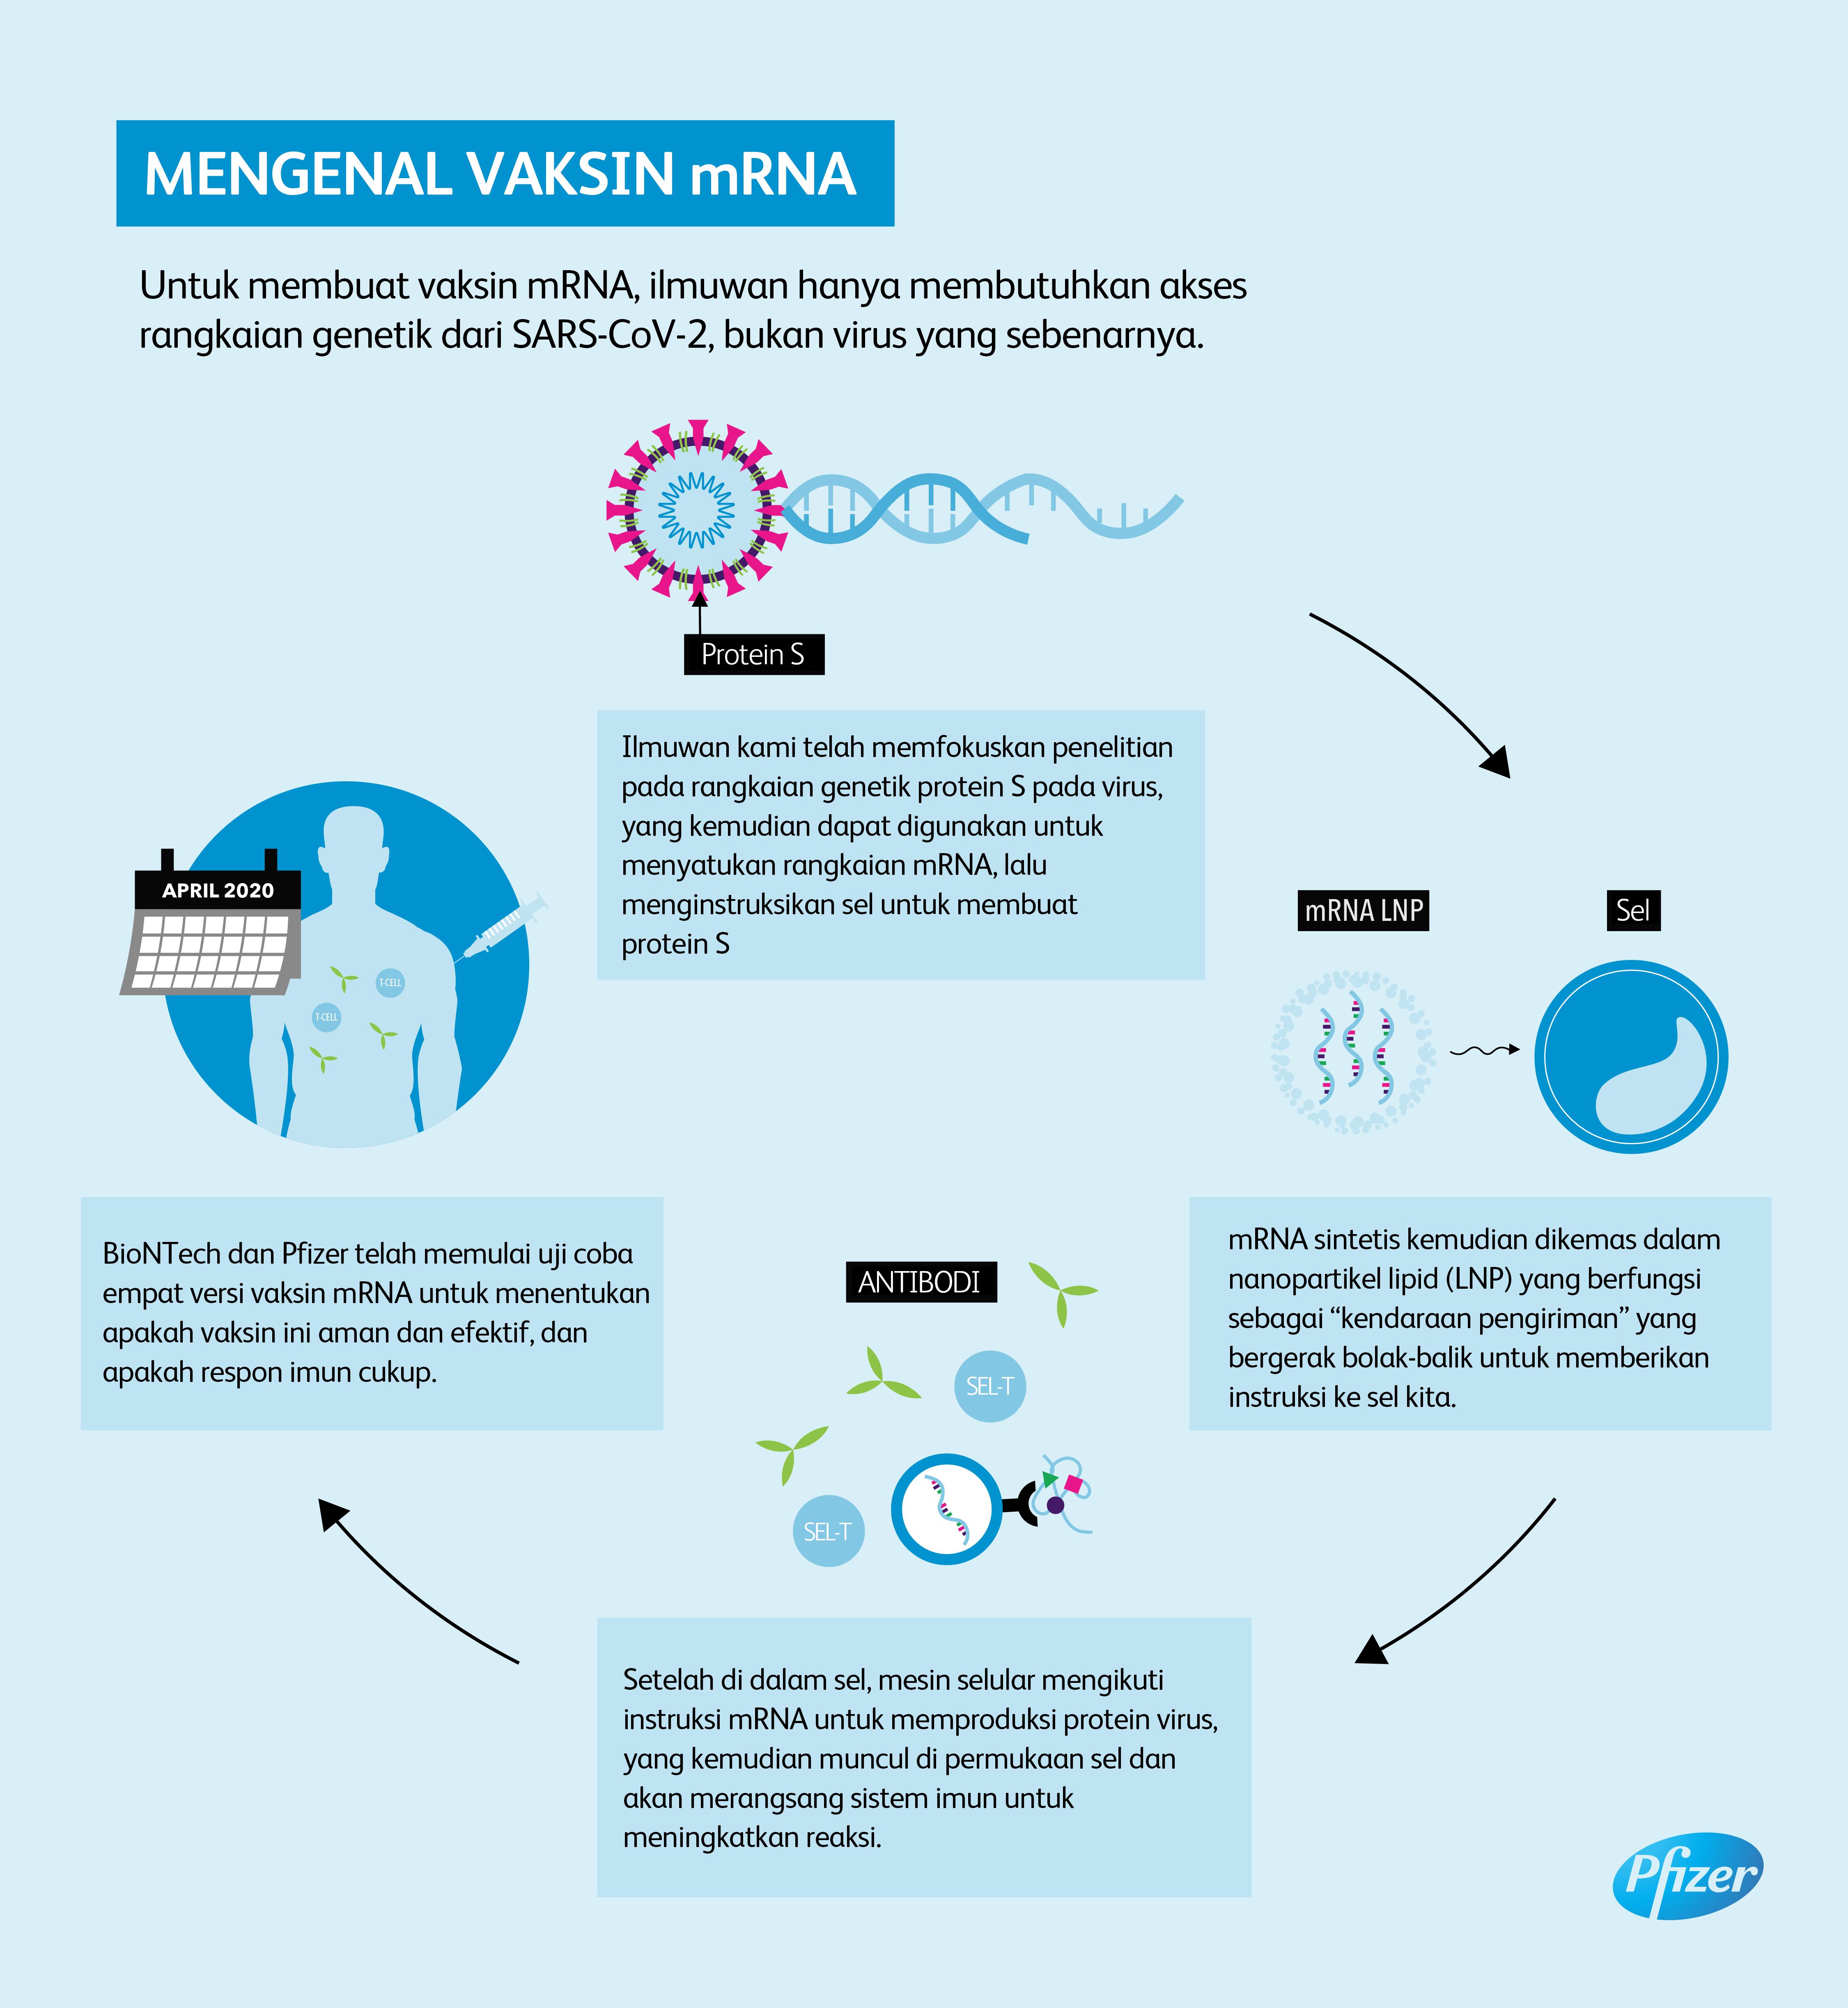 Pfizer dan BioNTech Lakukan Uji Coba Program Vaksin mRNA Tahap Pertama di AS